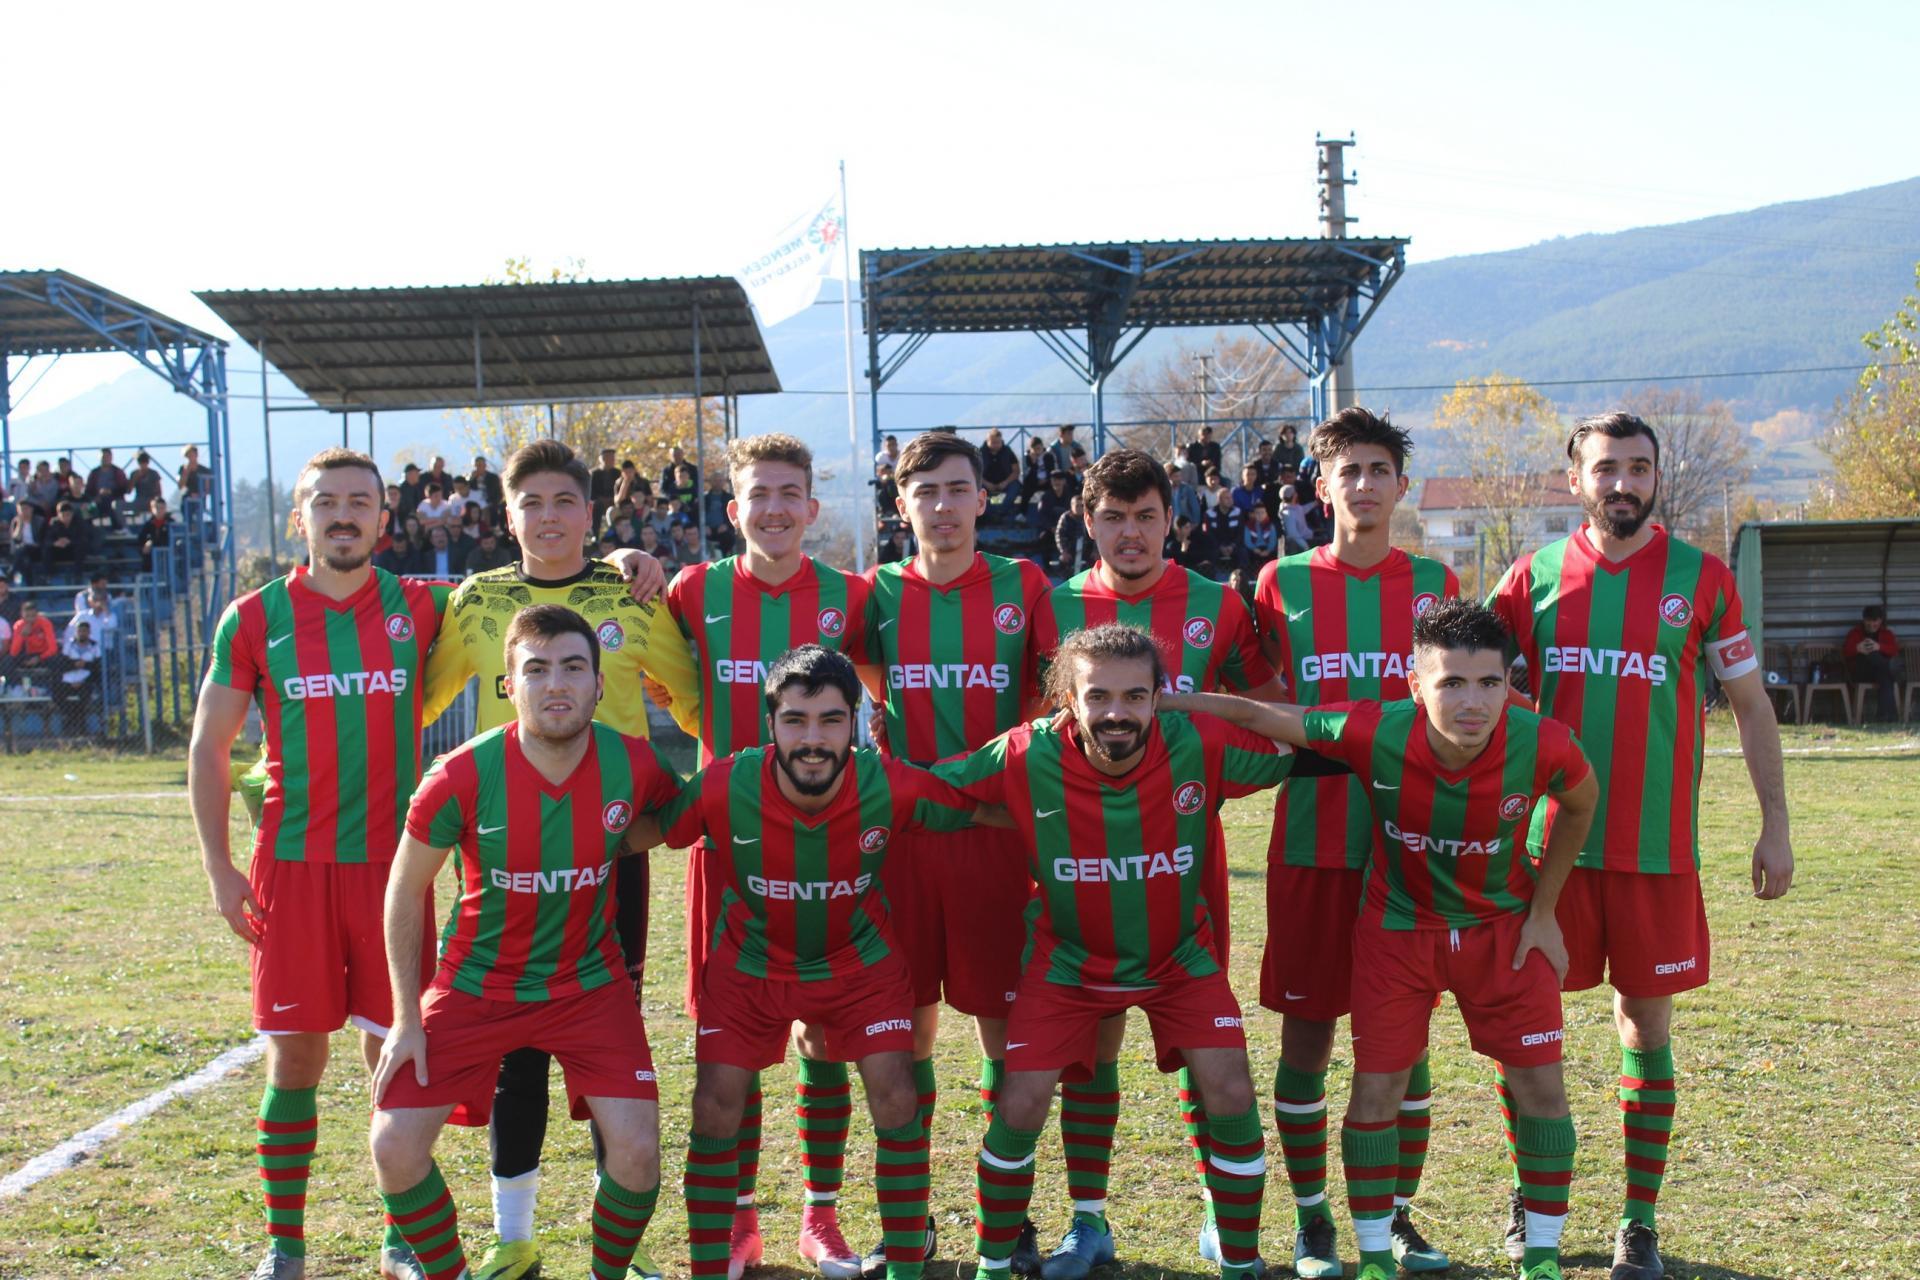 Mengen Belediye Spor Sezon Açılışı Yapıldı